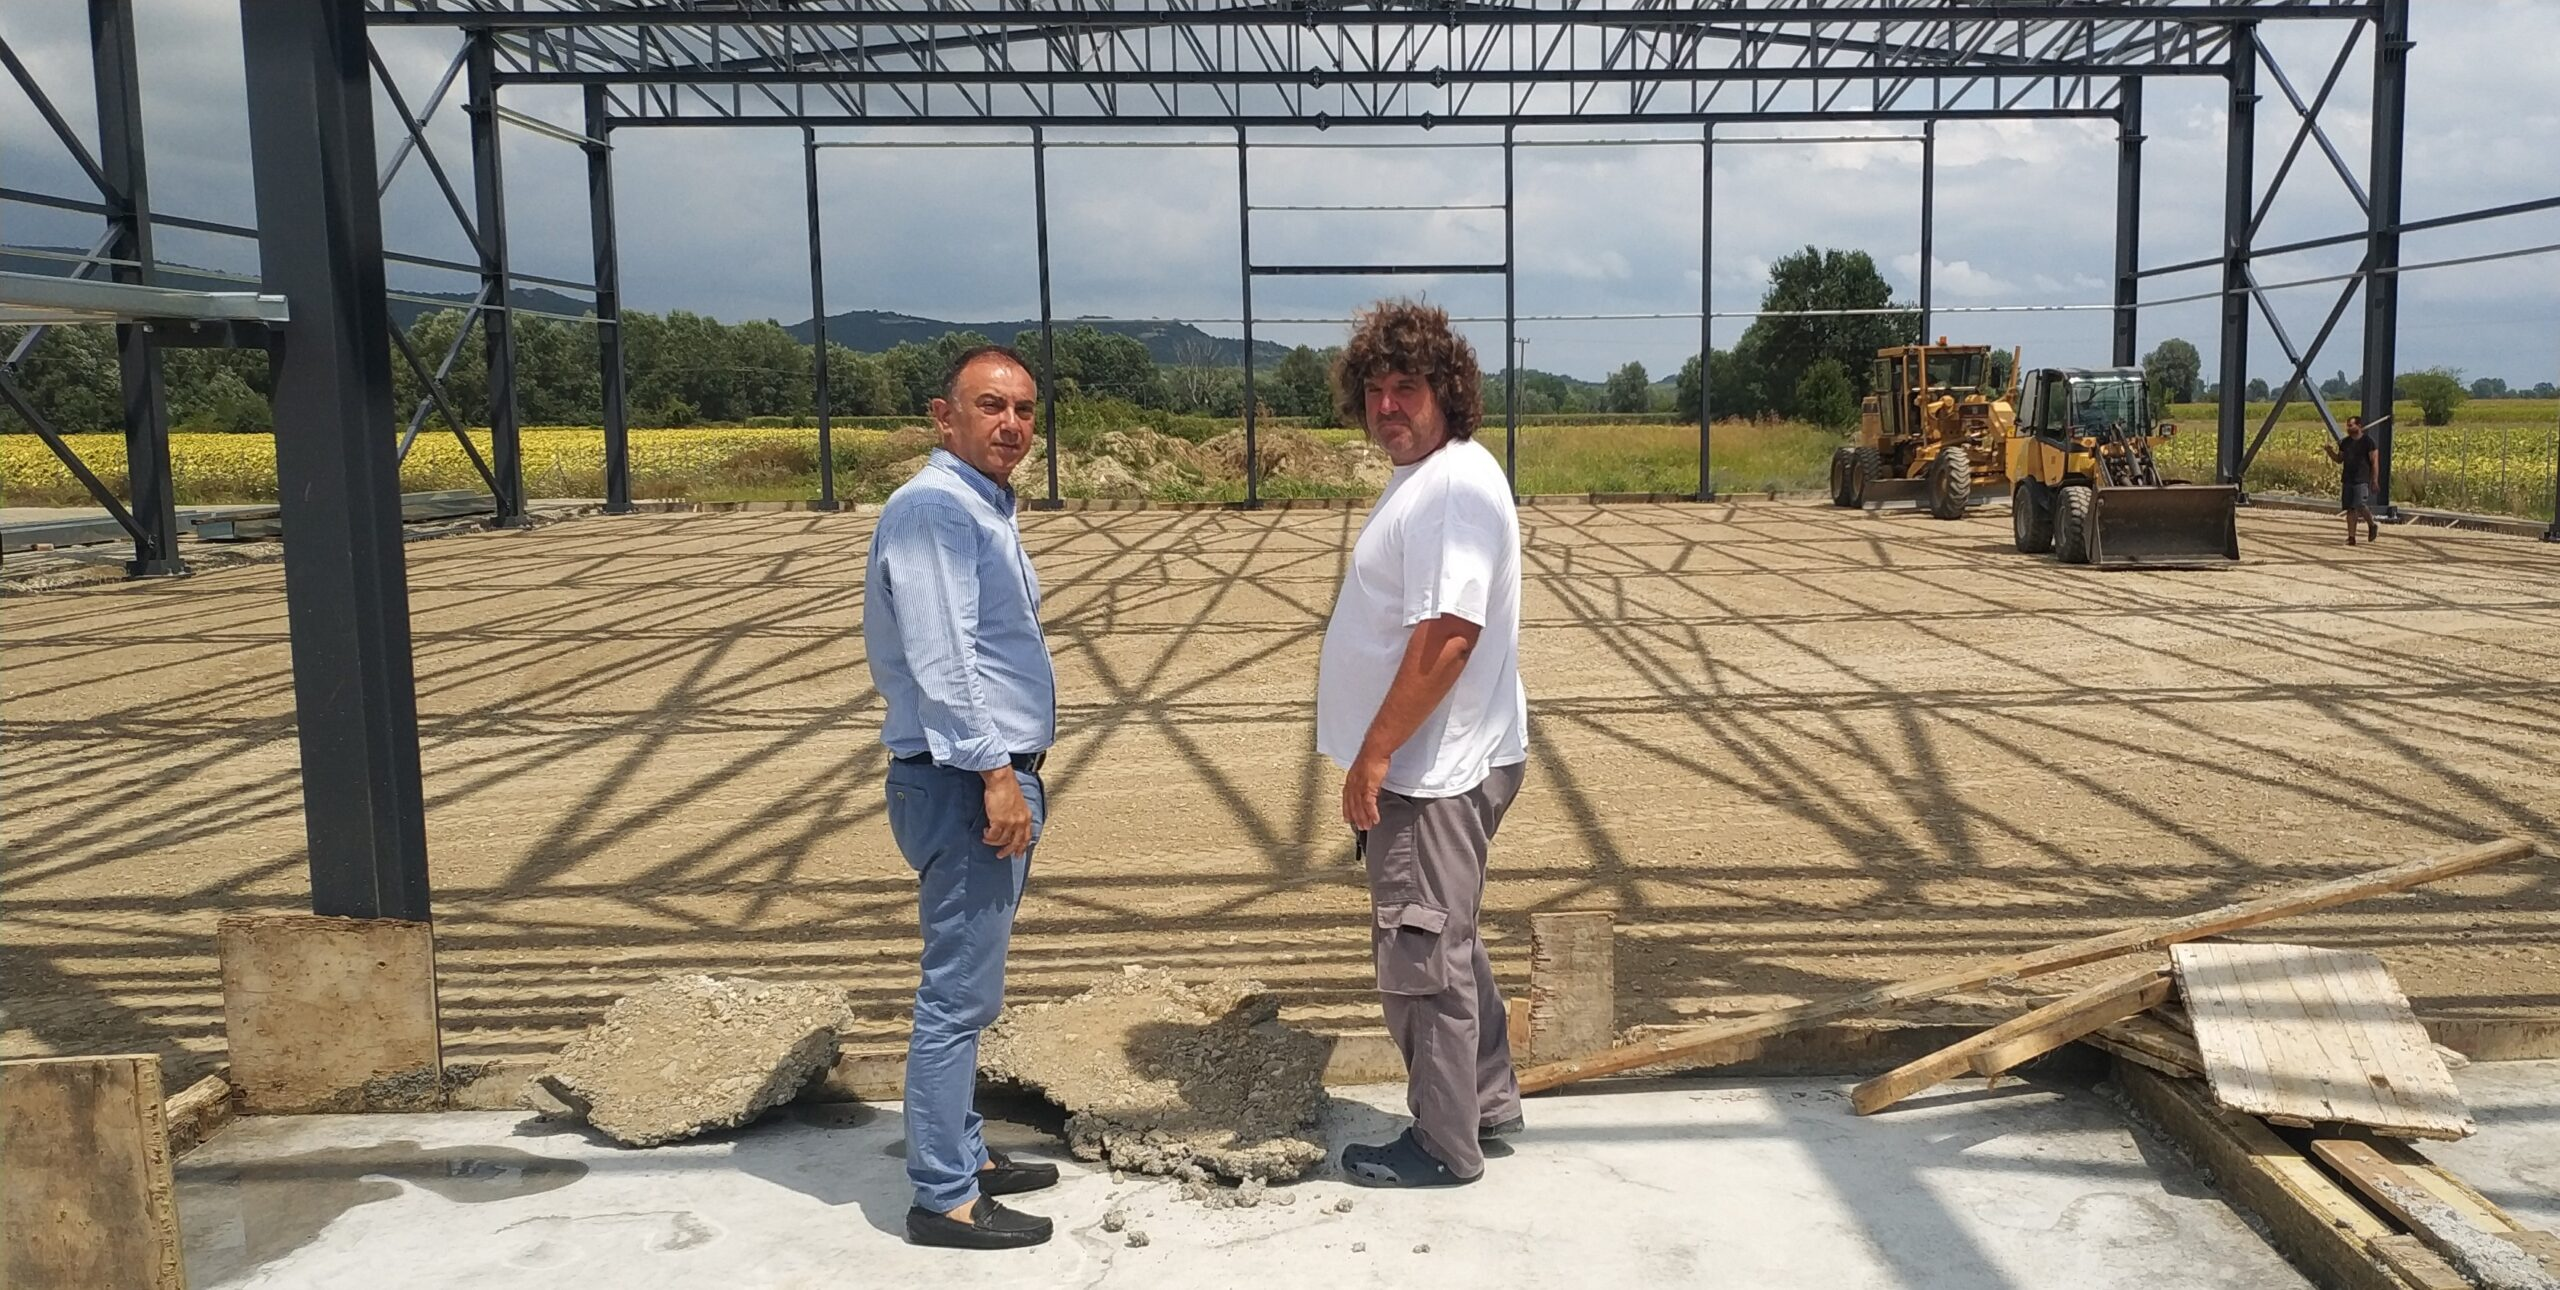 Κέλλας: Νέες προοπτικές για το ακτινίδιο Πυργετού